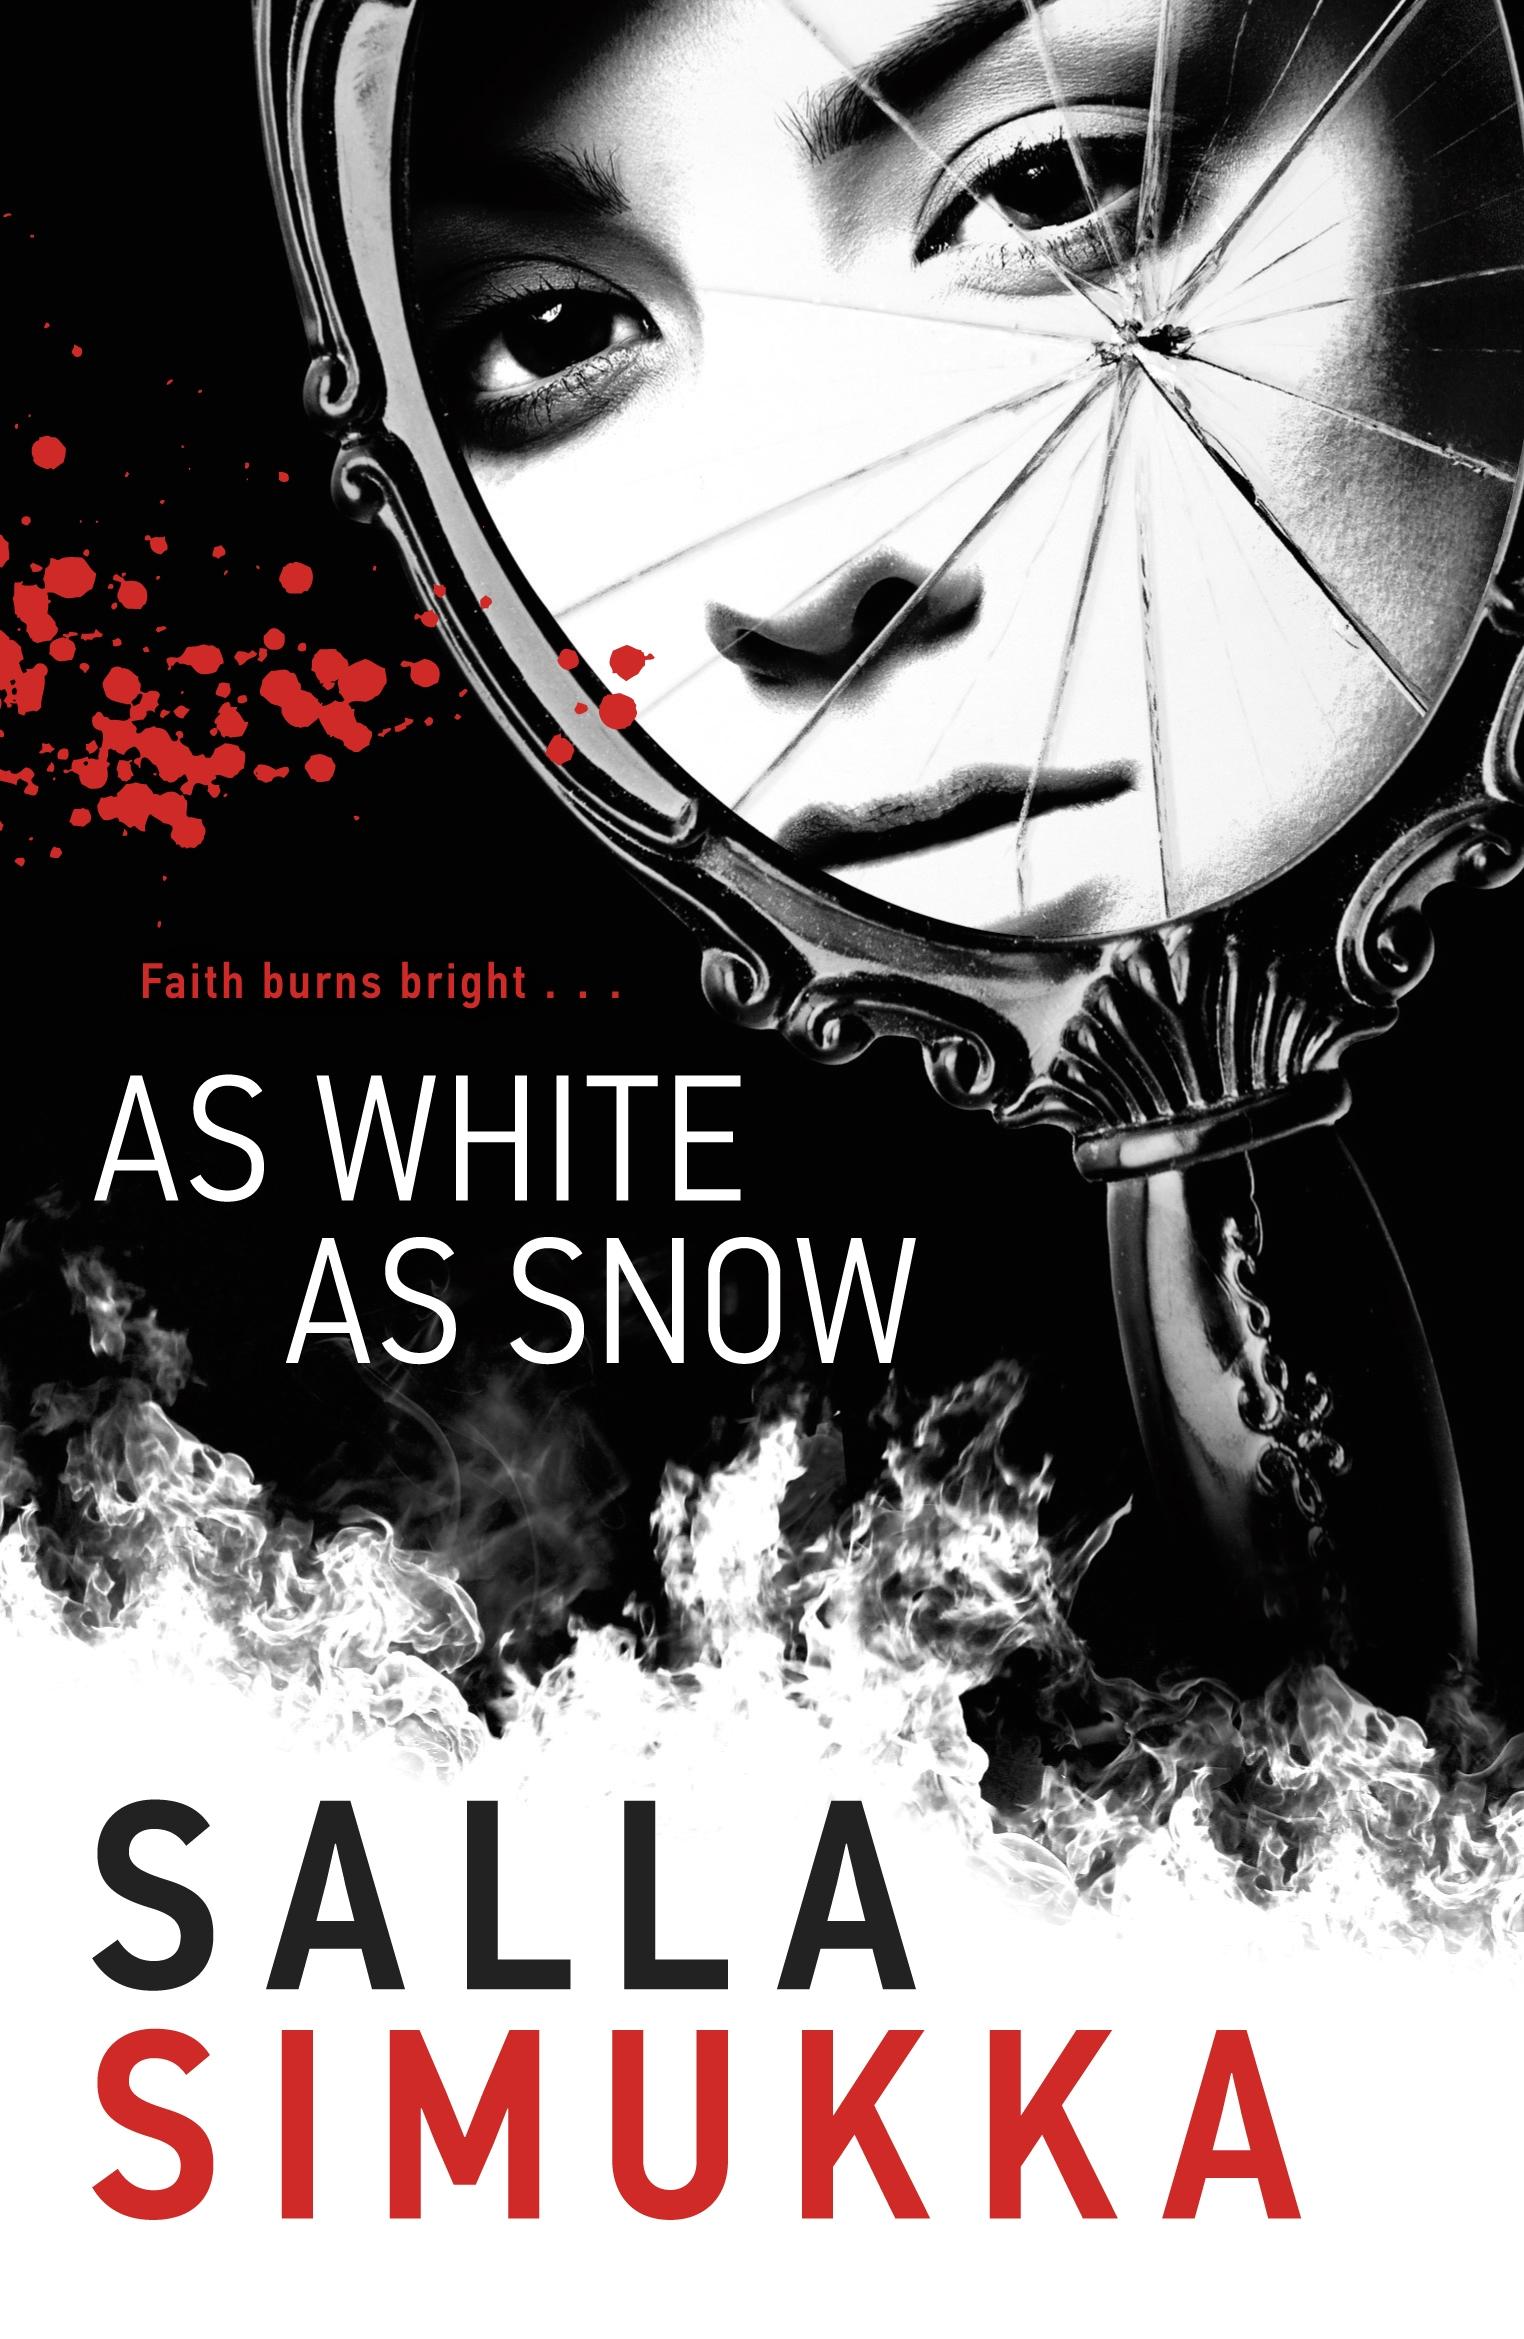 As White as Snow by Salla Simukka